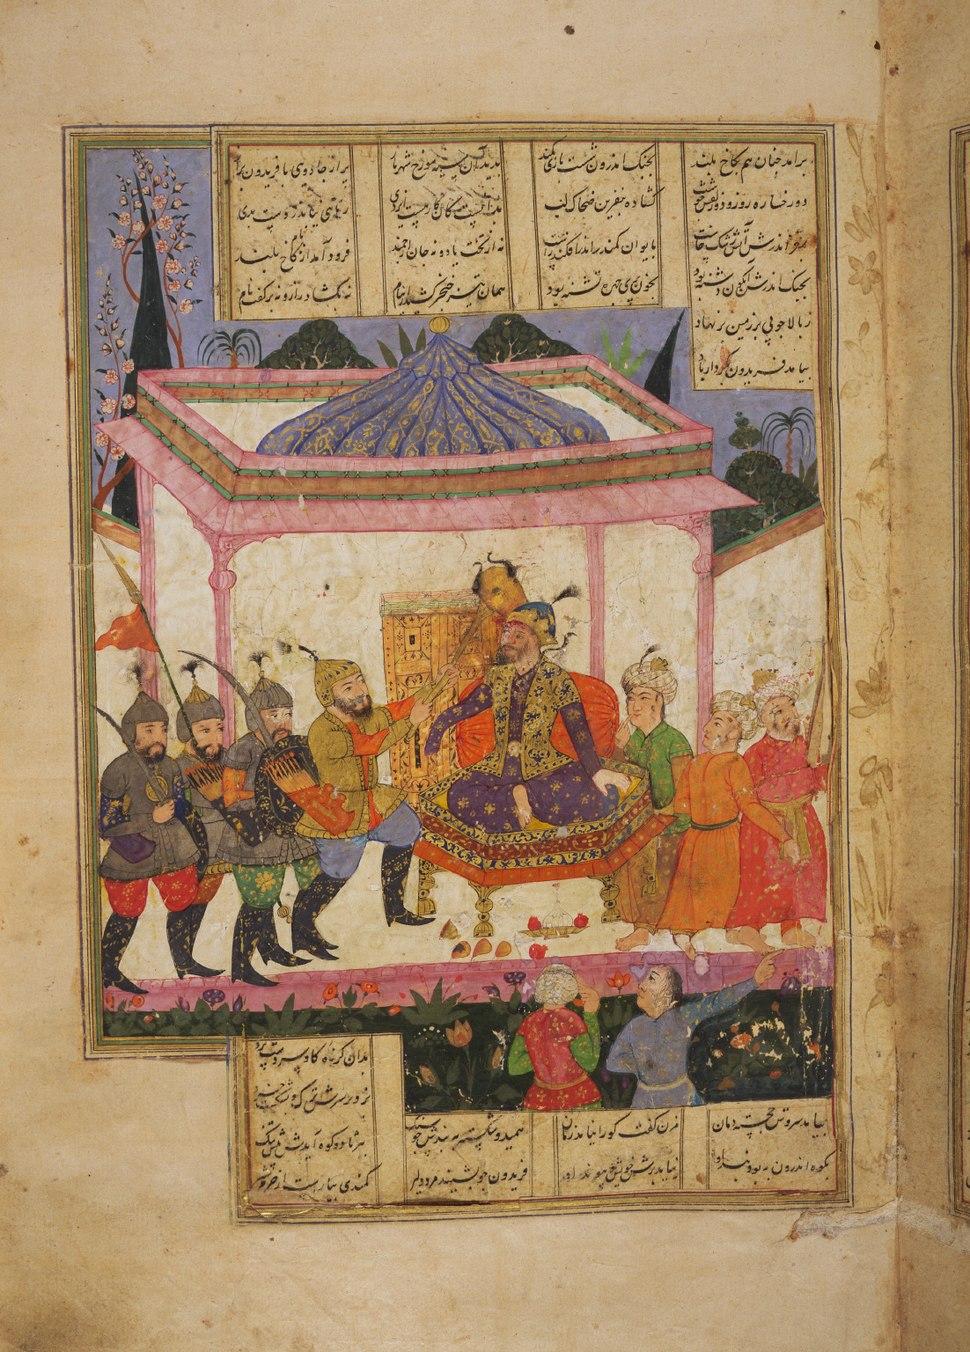 Faridun defeats Zahhak